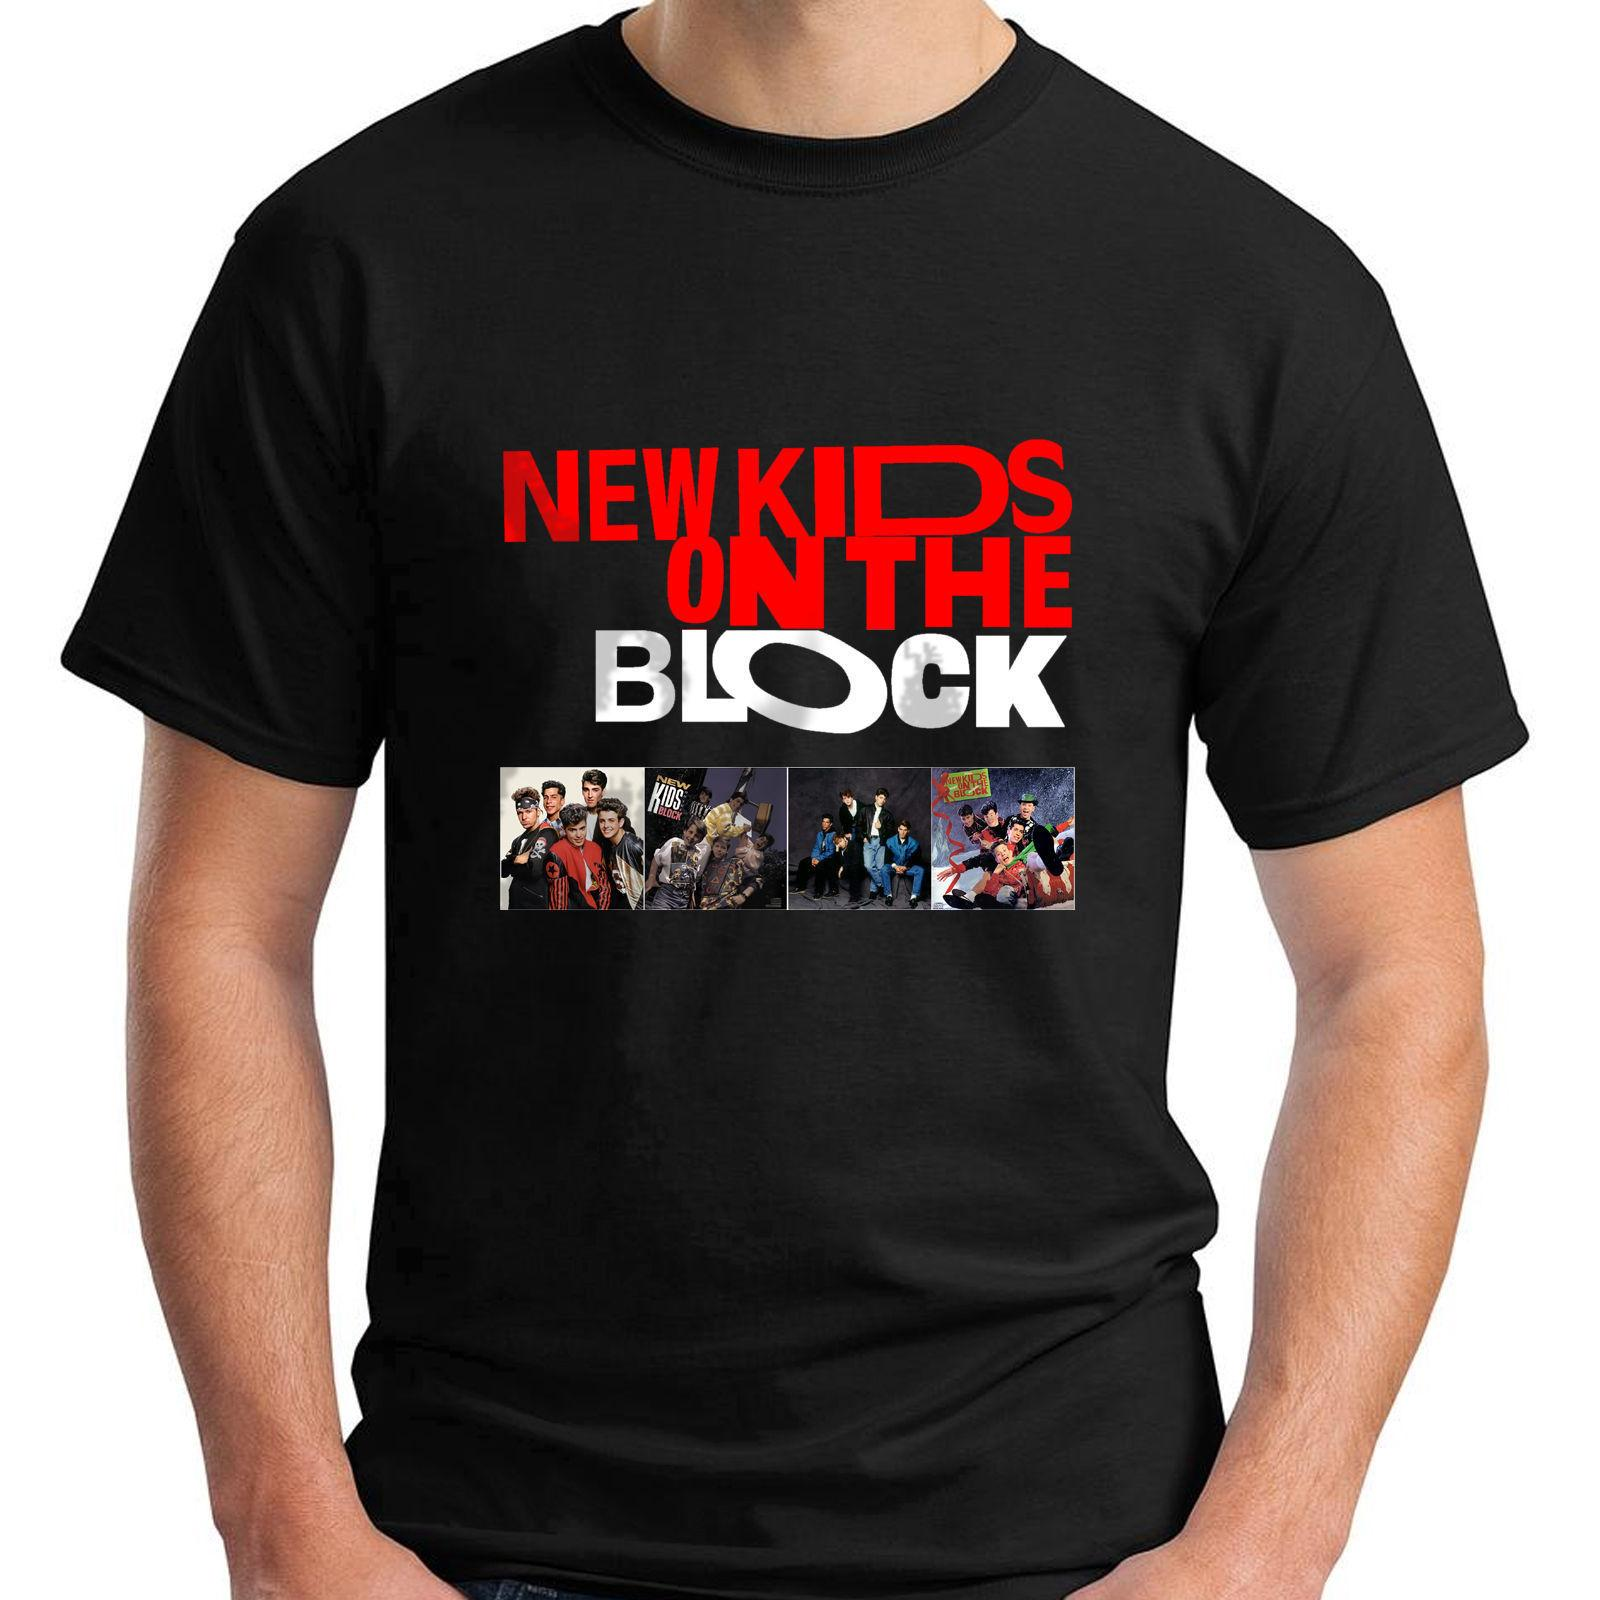 NEW NKOTB New Kids on The Block Music Legend T-SHIRT S-5XL MAN WOMAN